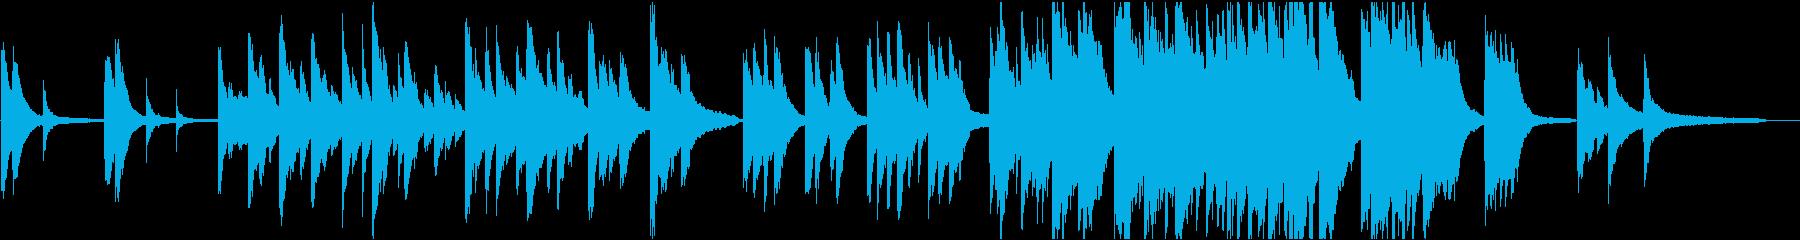 企業VP18 コーポレート・お知らせの再生済みの波形